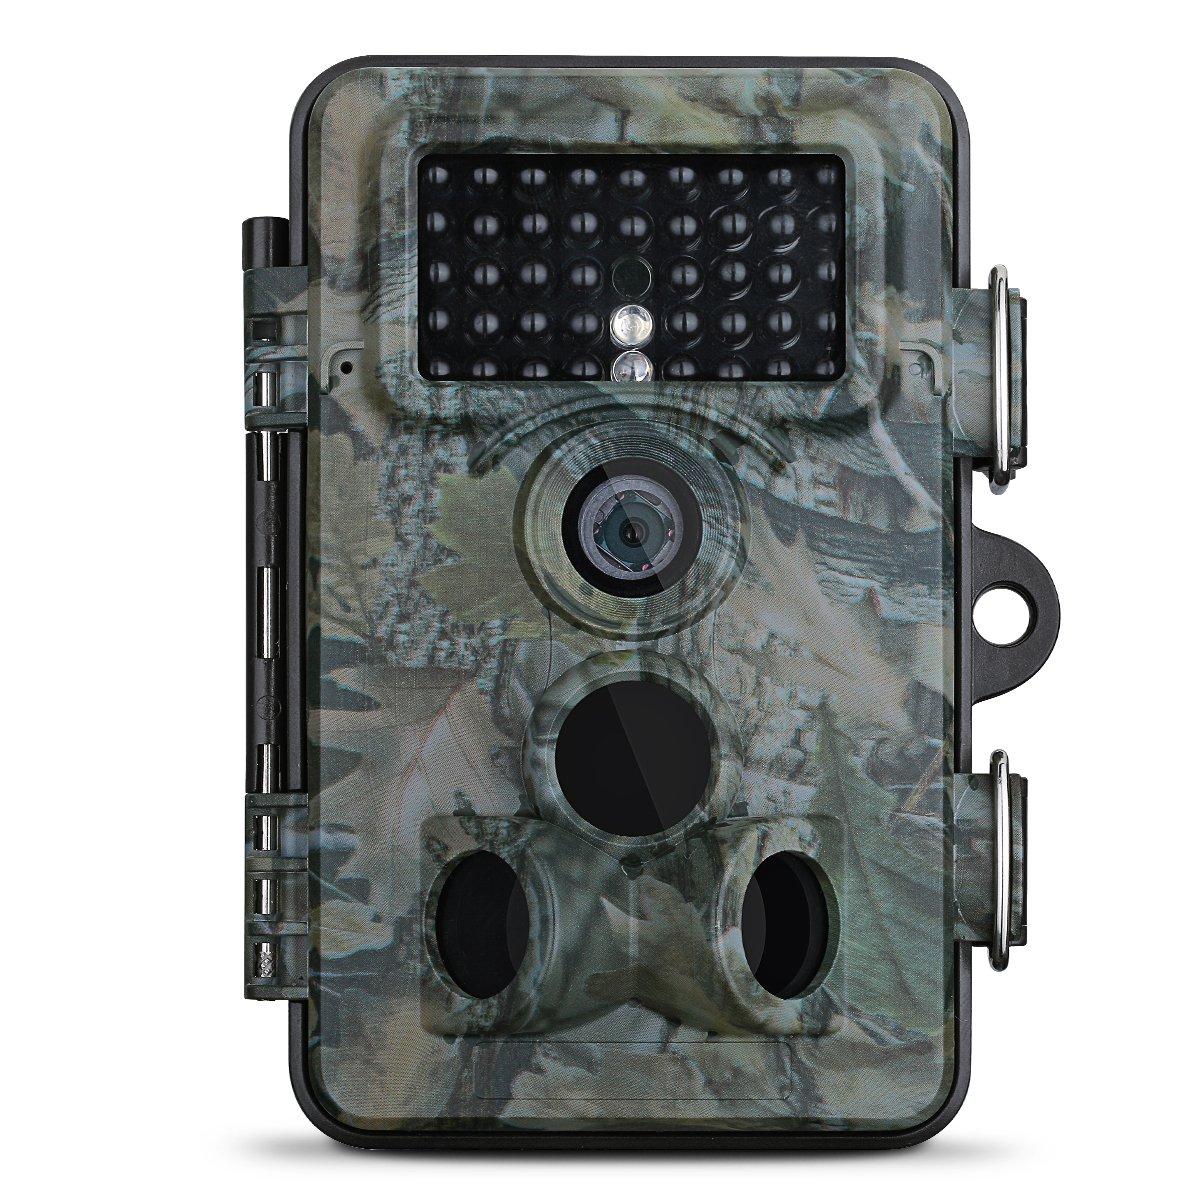 VicTsing Cámara de Caza impermeable con sensor de Movimiento por solo 88,89€